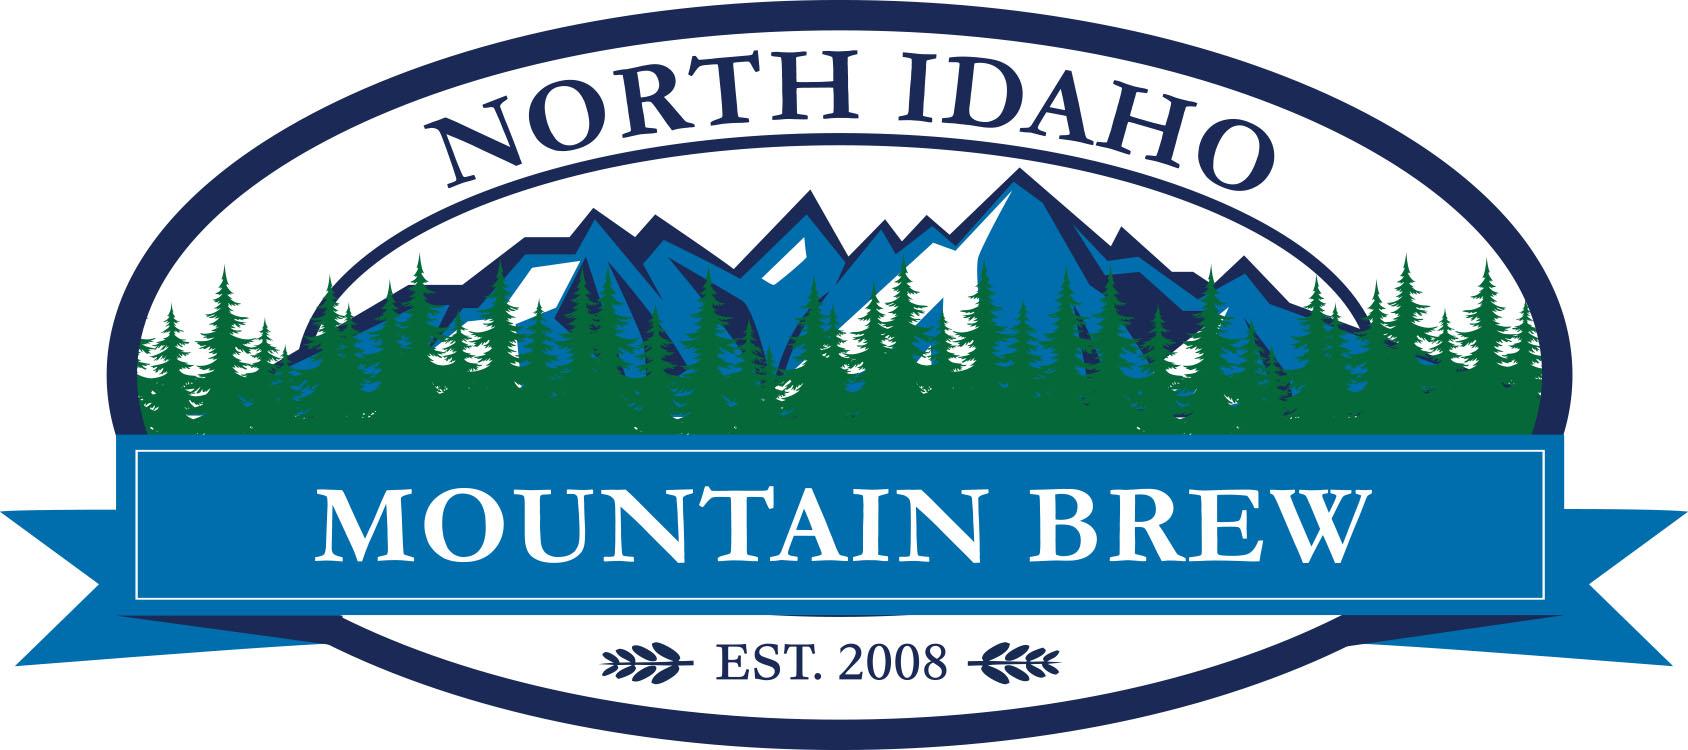 North Idaho Mountain Brew